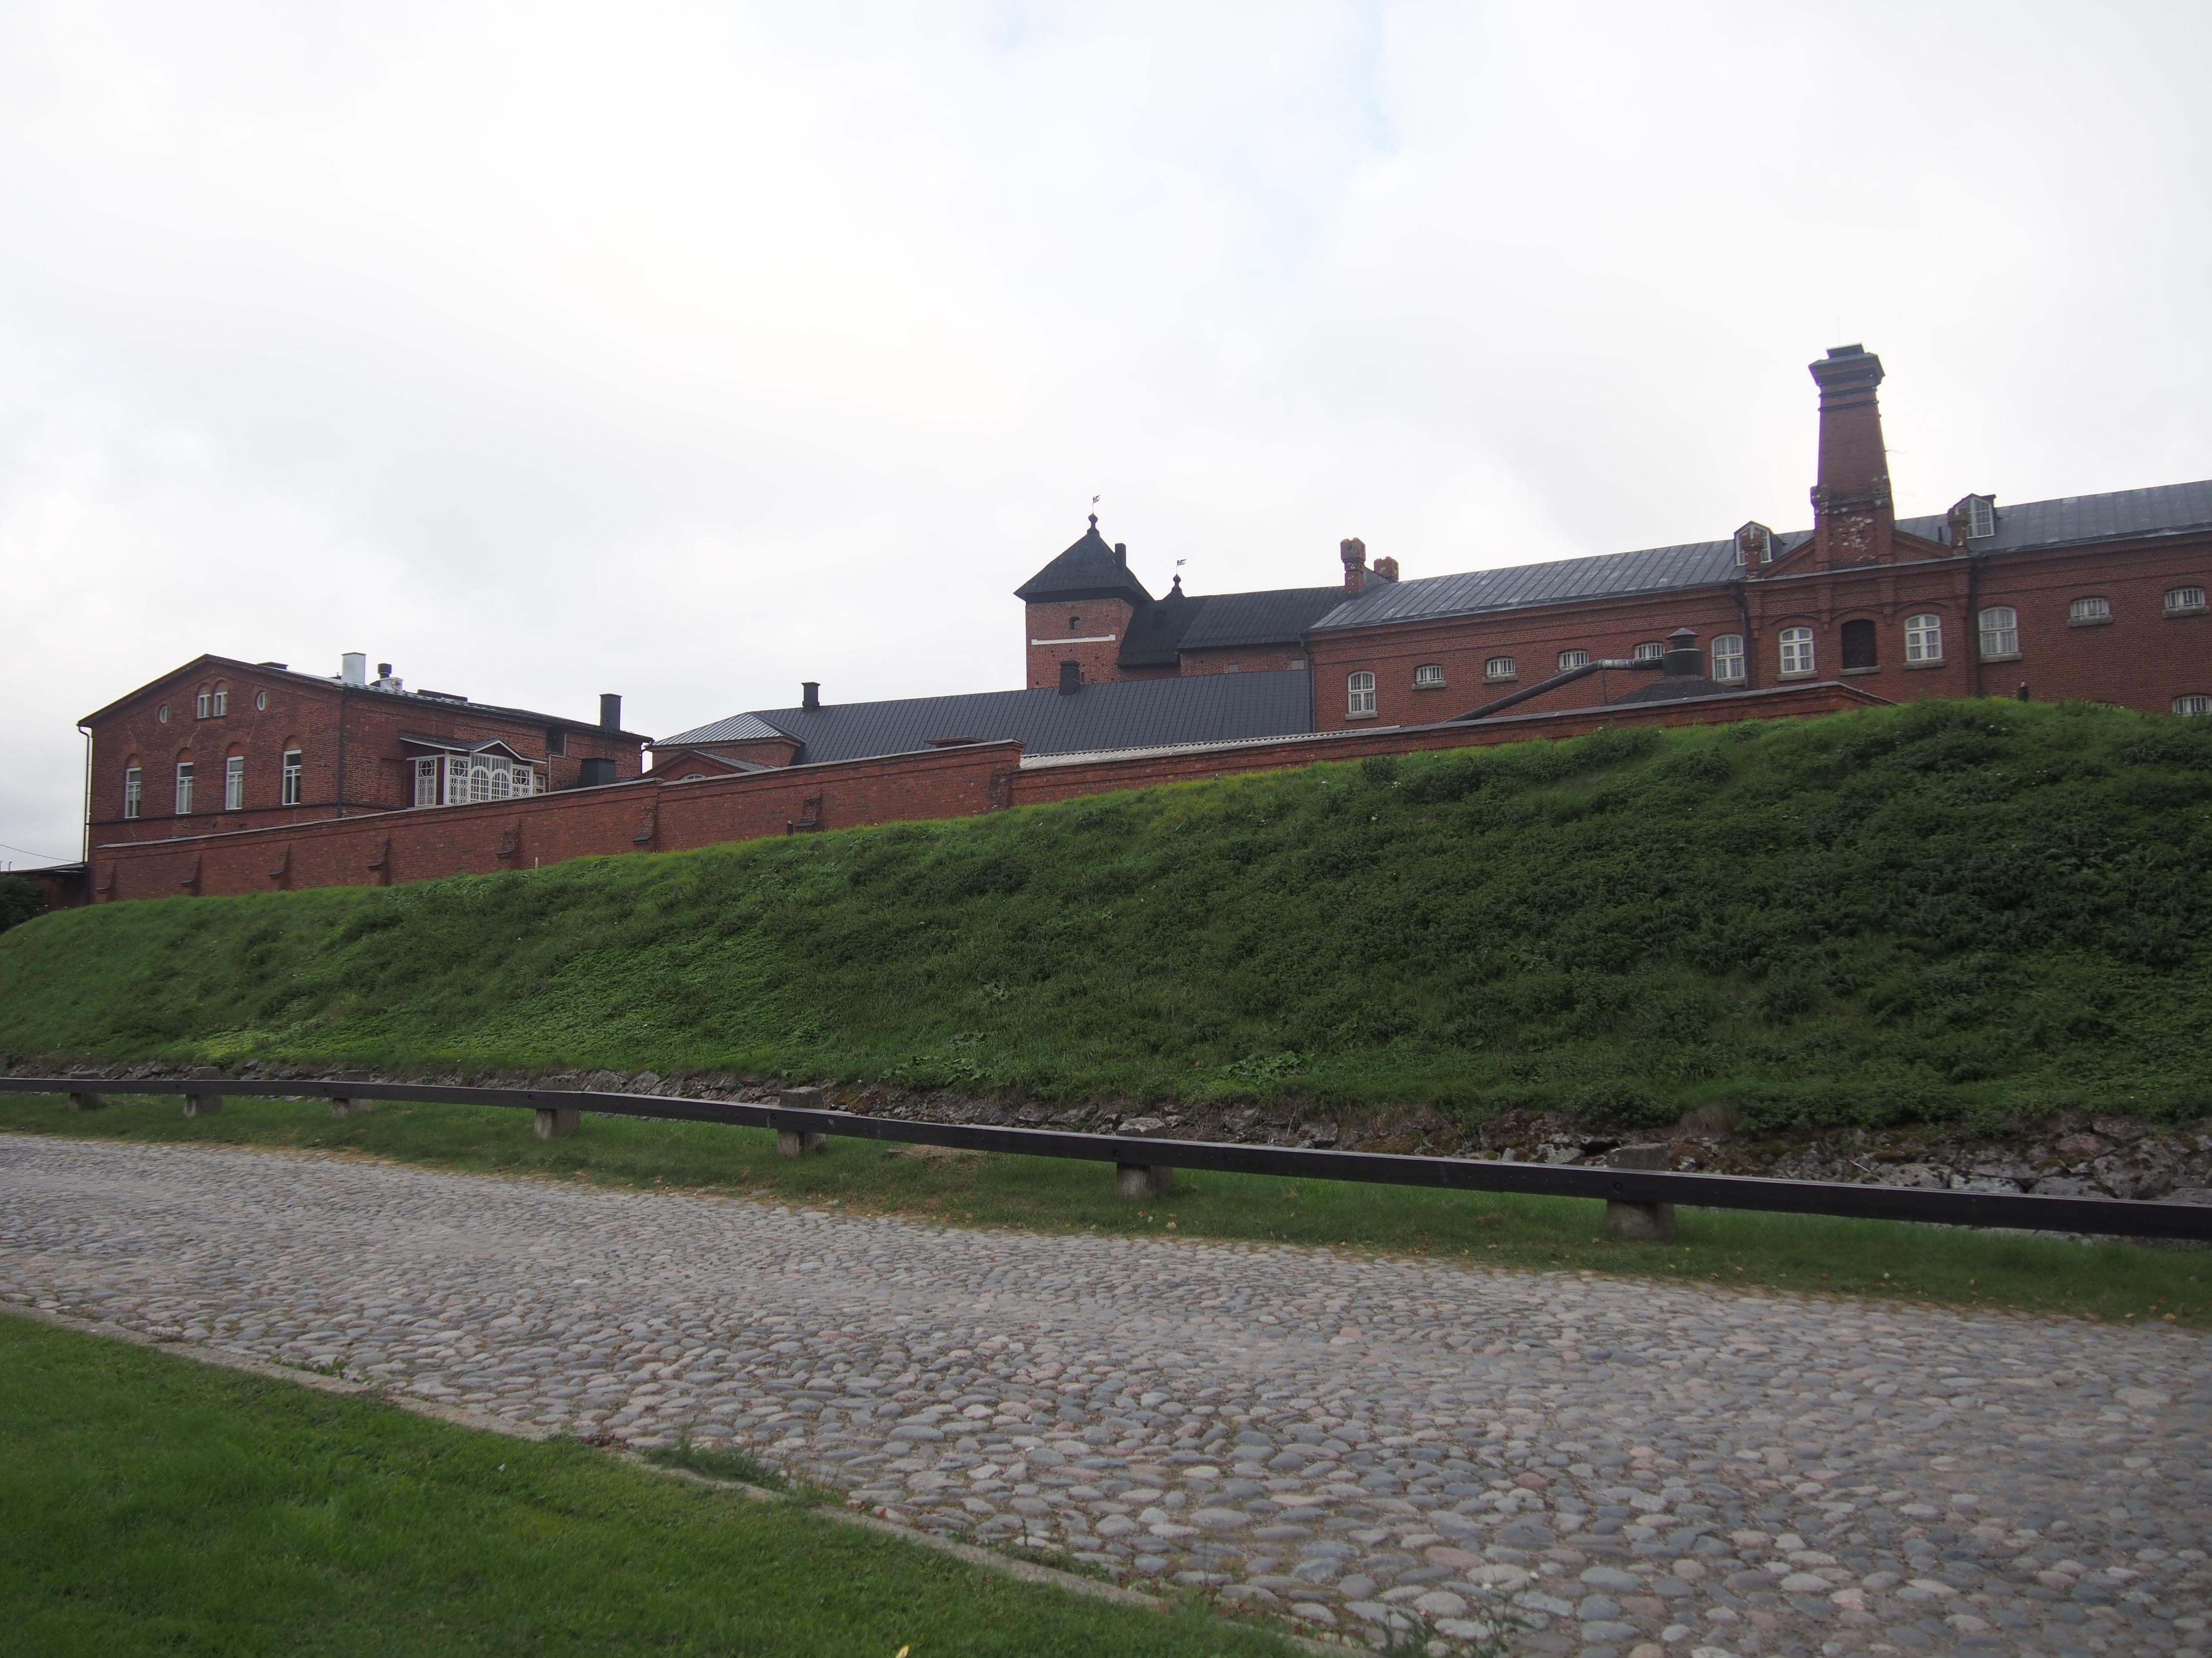 Häme Castle 24th September 2016 1.jpg